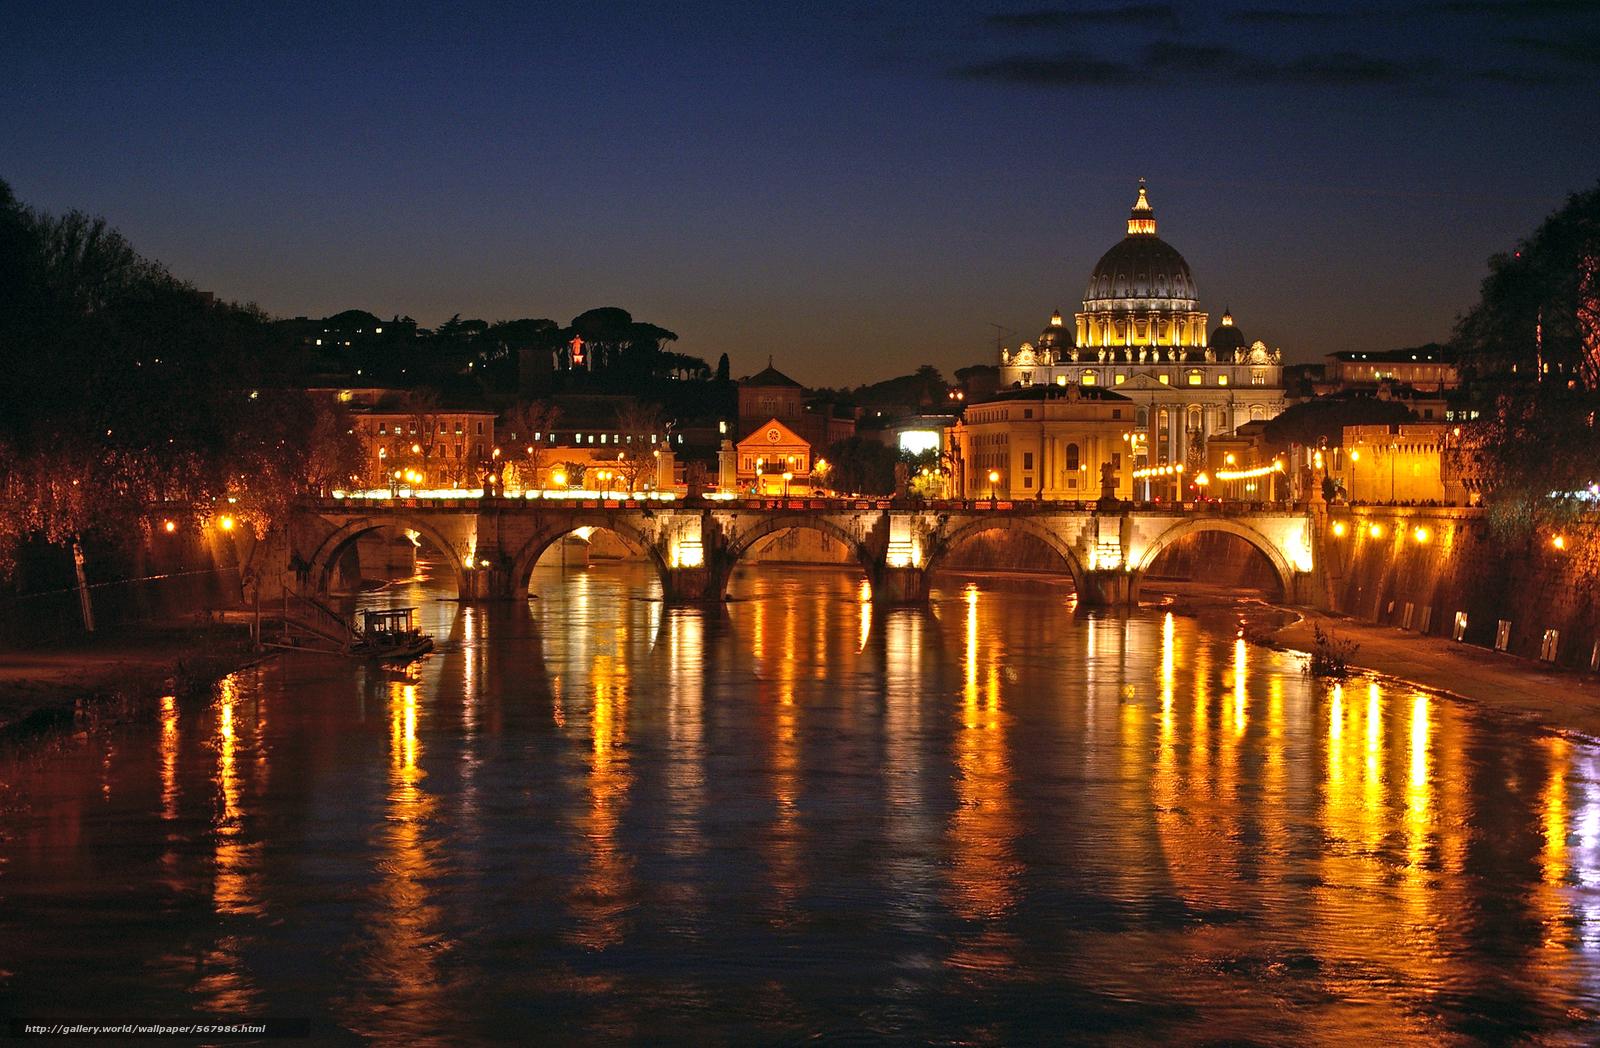 Scaricare Gli Sfondi Notte A Roma Città Luci Sfondi Gratis Per La